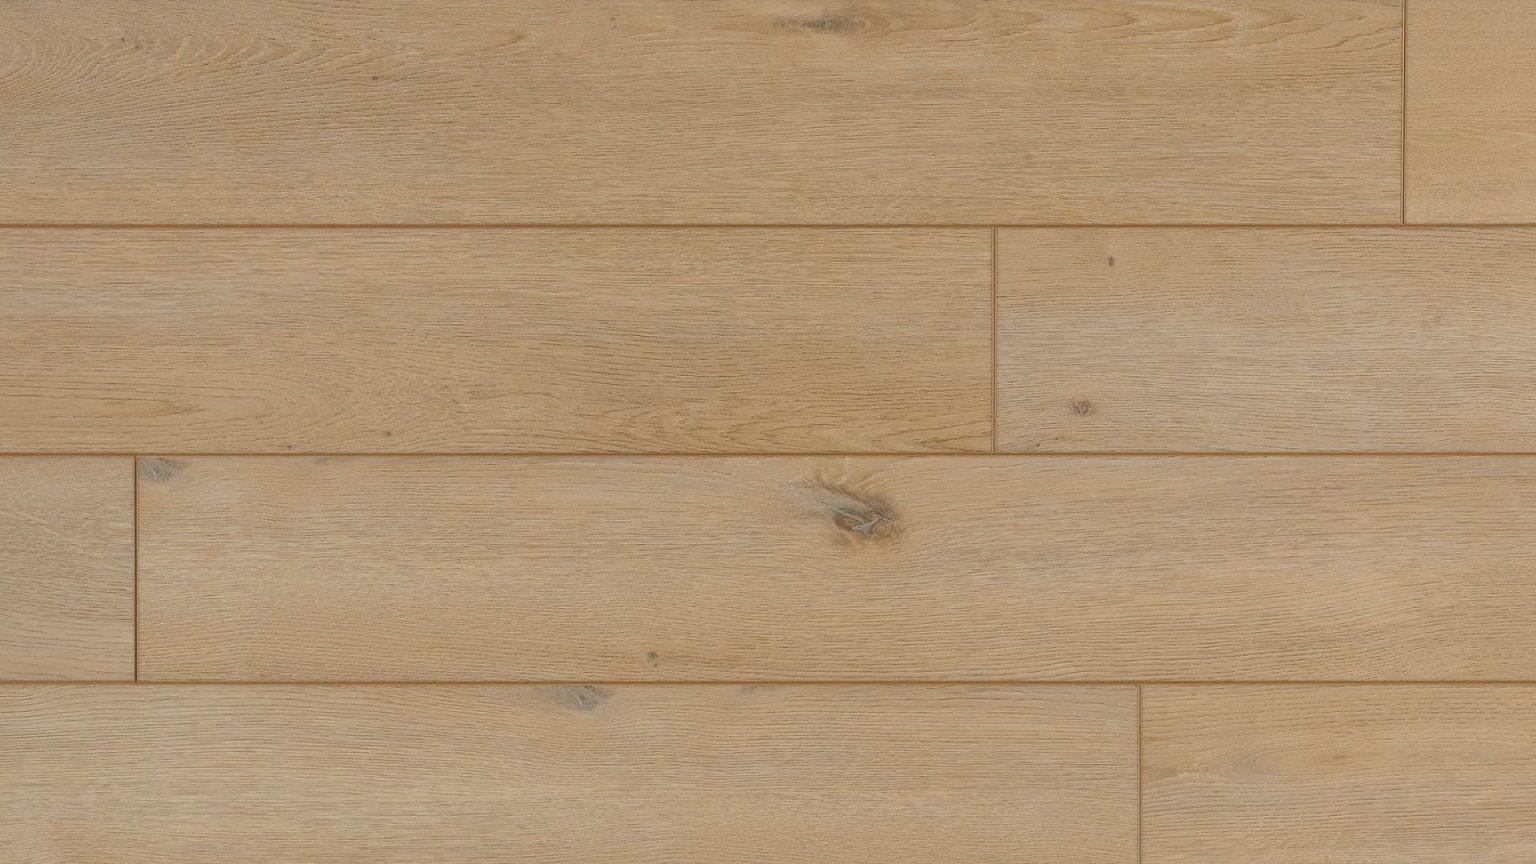 Champlain 50 LVRE 115 / COREtec® authentics wood